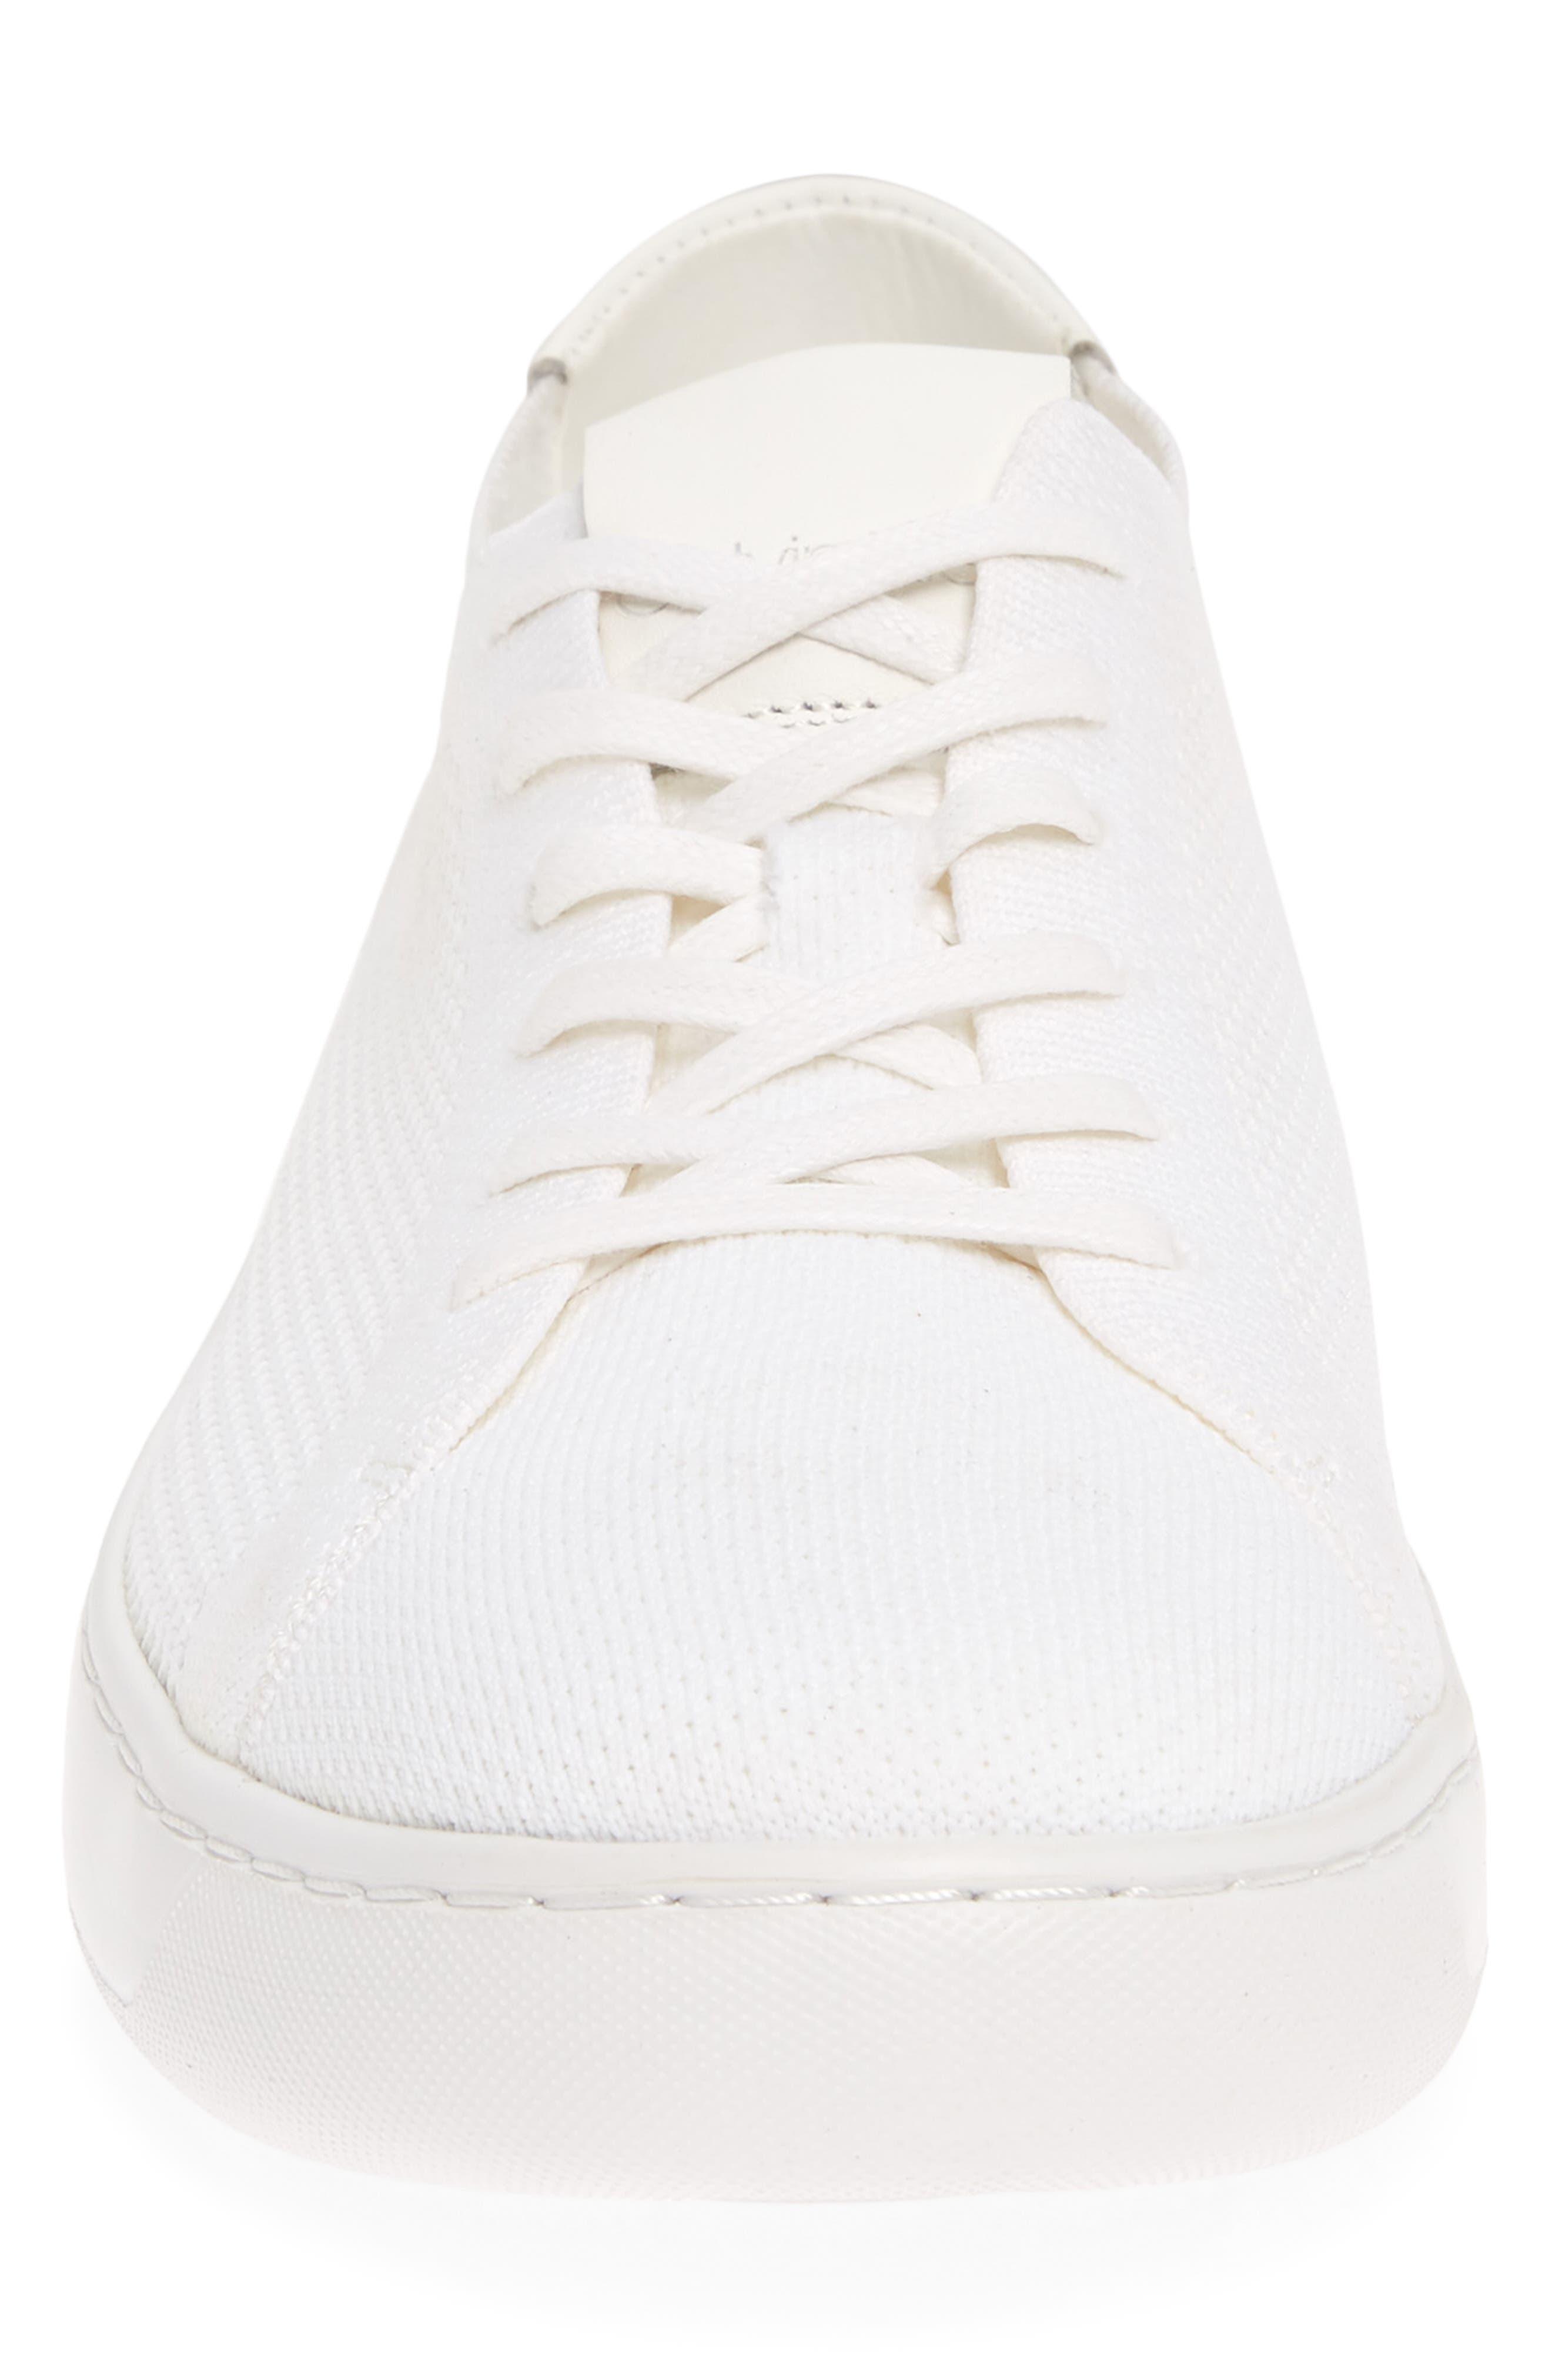 CALVIN KLEIN, Freeport Sneaker, Alternate thumbnail 4, color, WHITE